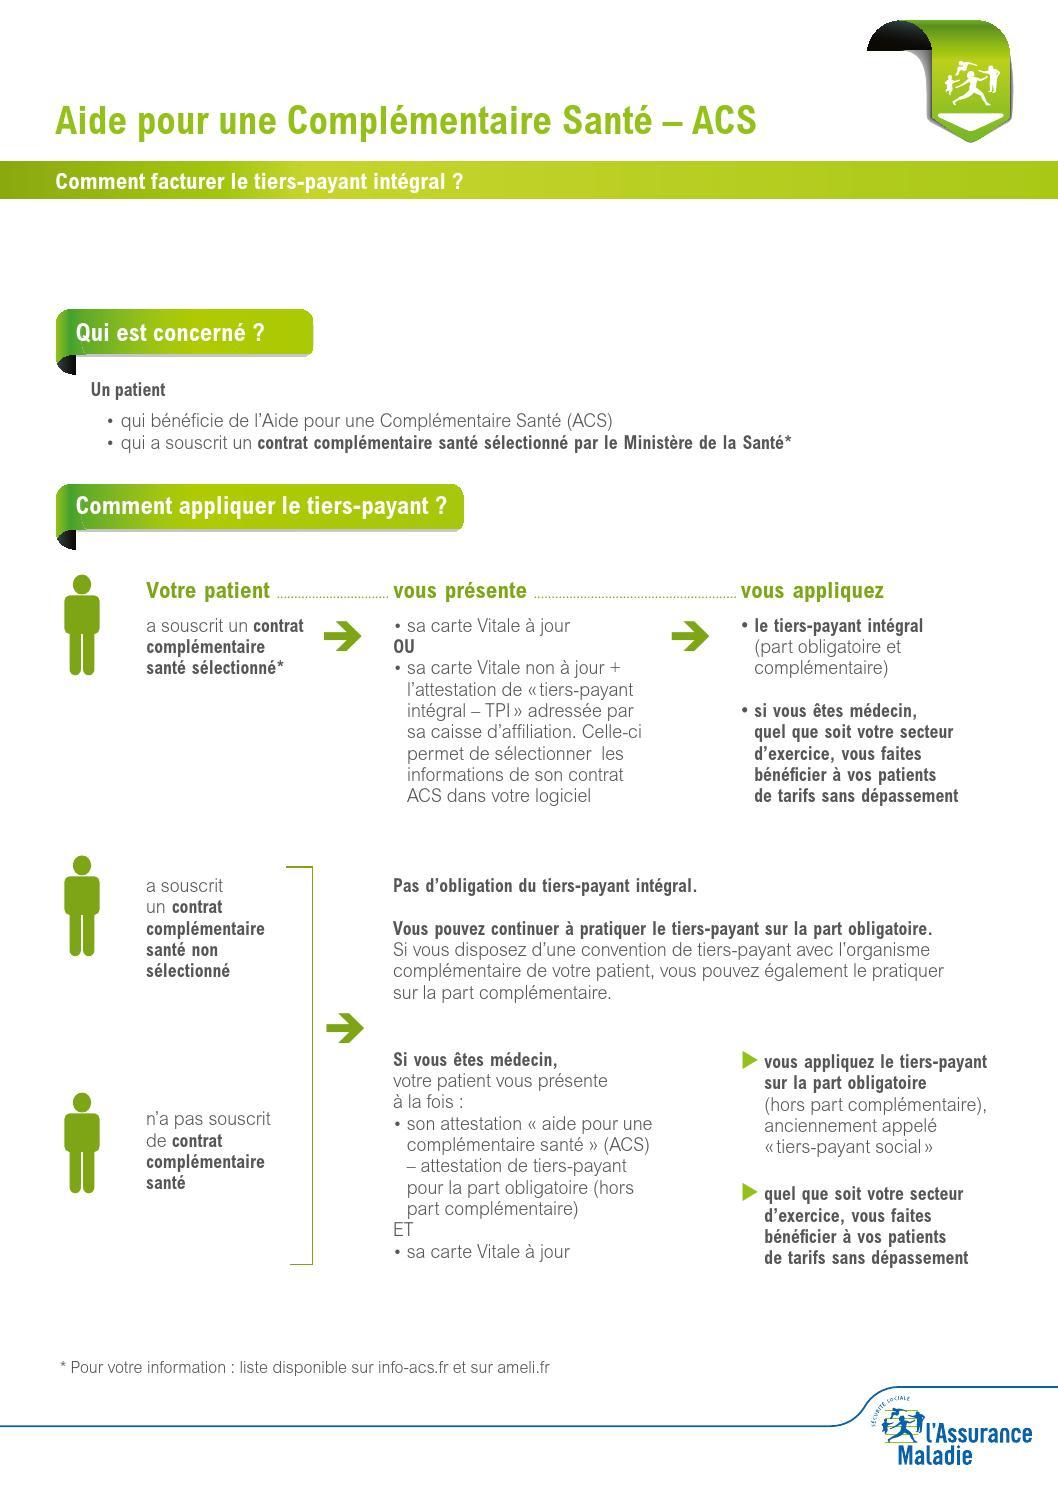 Aide pour la compl mentaire sant acs by reagjir issuu - Plafond pour aide a la complementaire sante ...